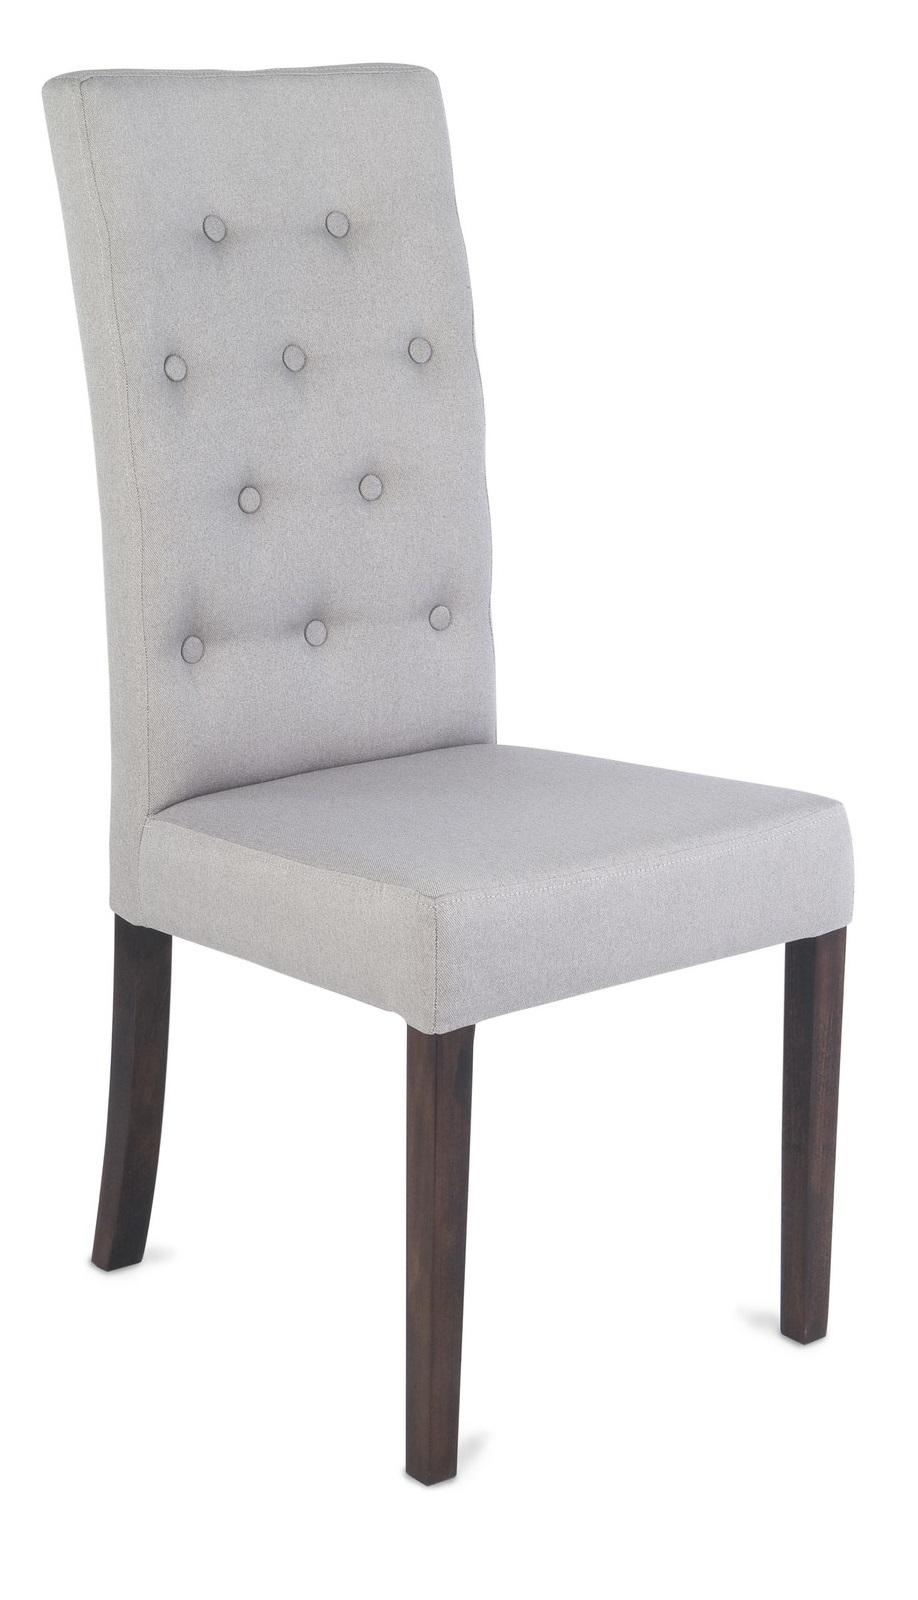 Krzesło Simple 108 Guziki